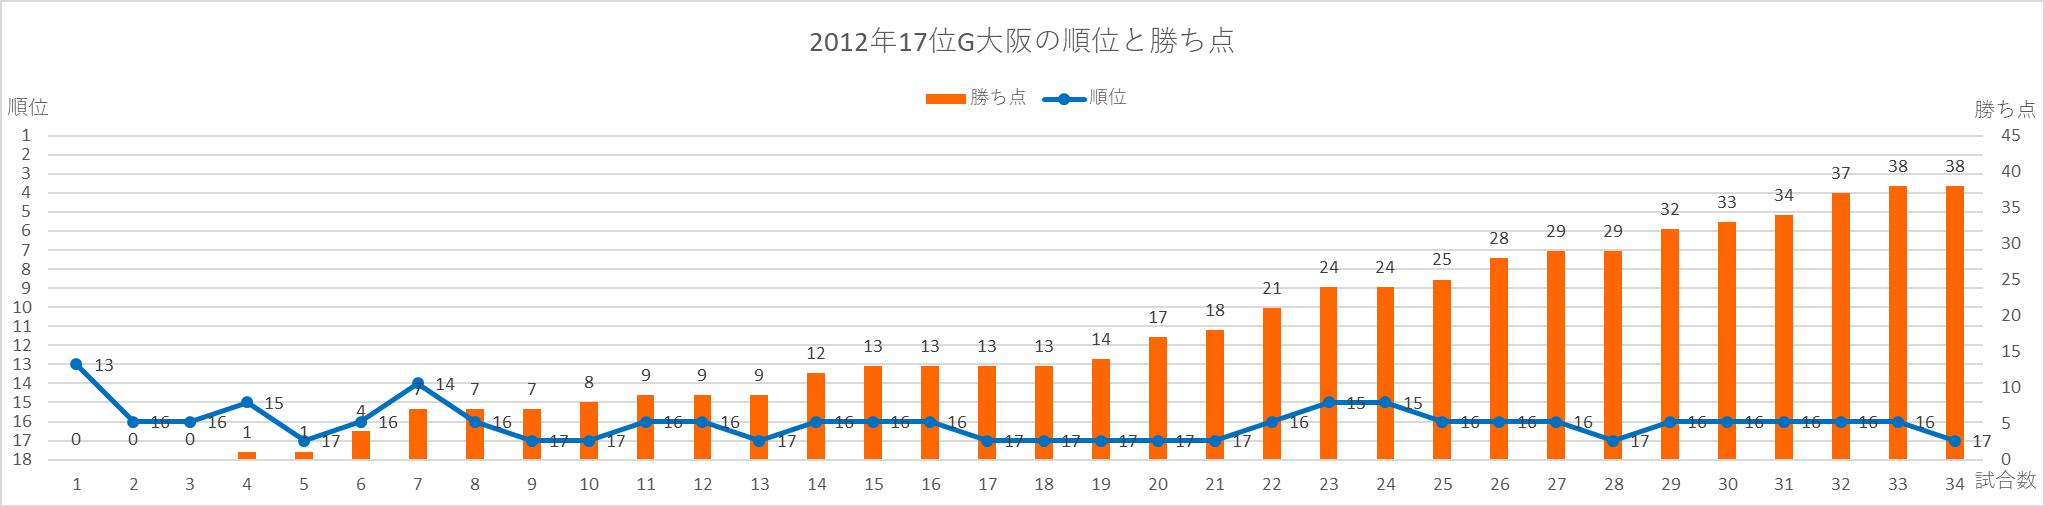 2012年G大阪の順位と勝ち点の推移